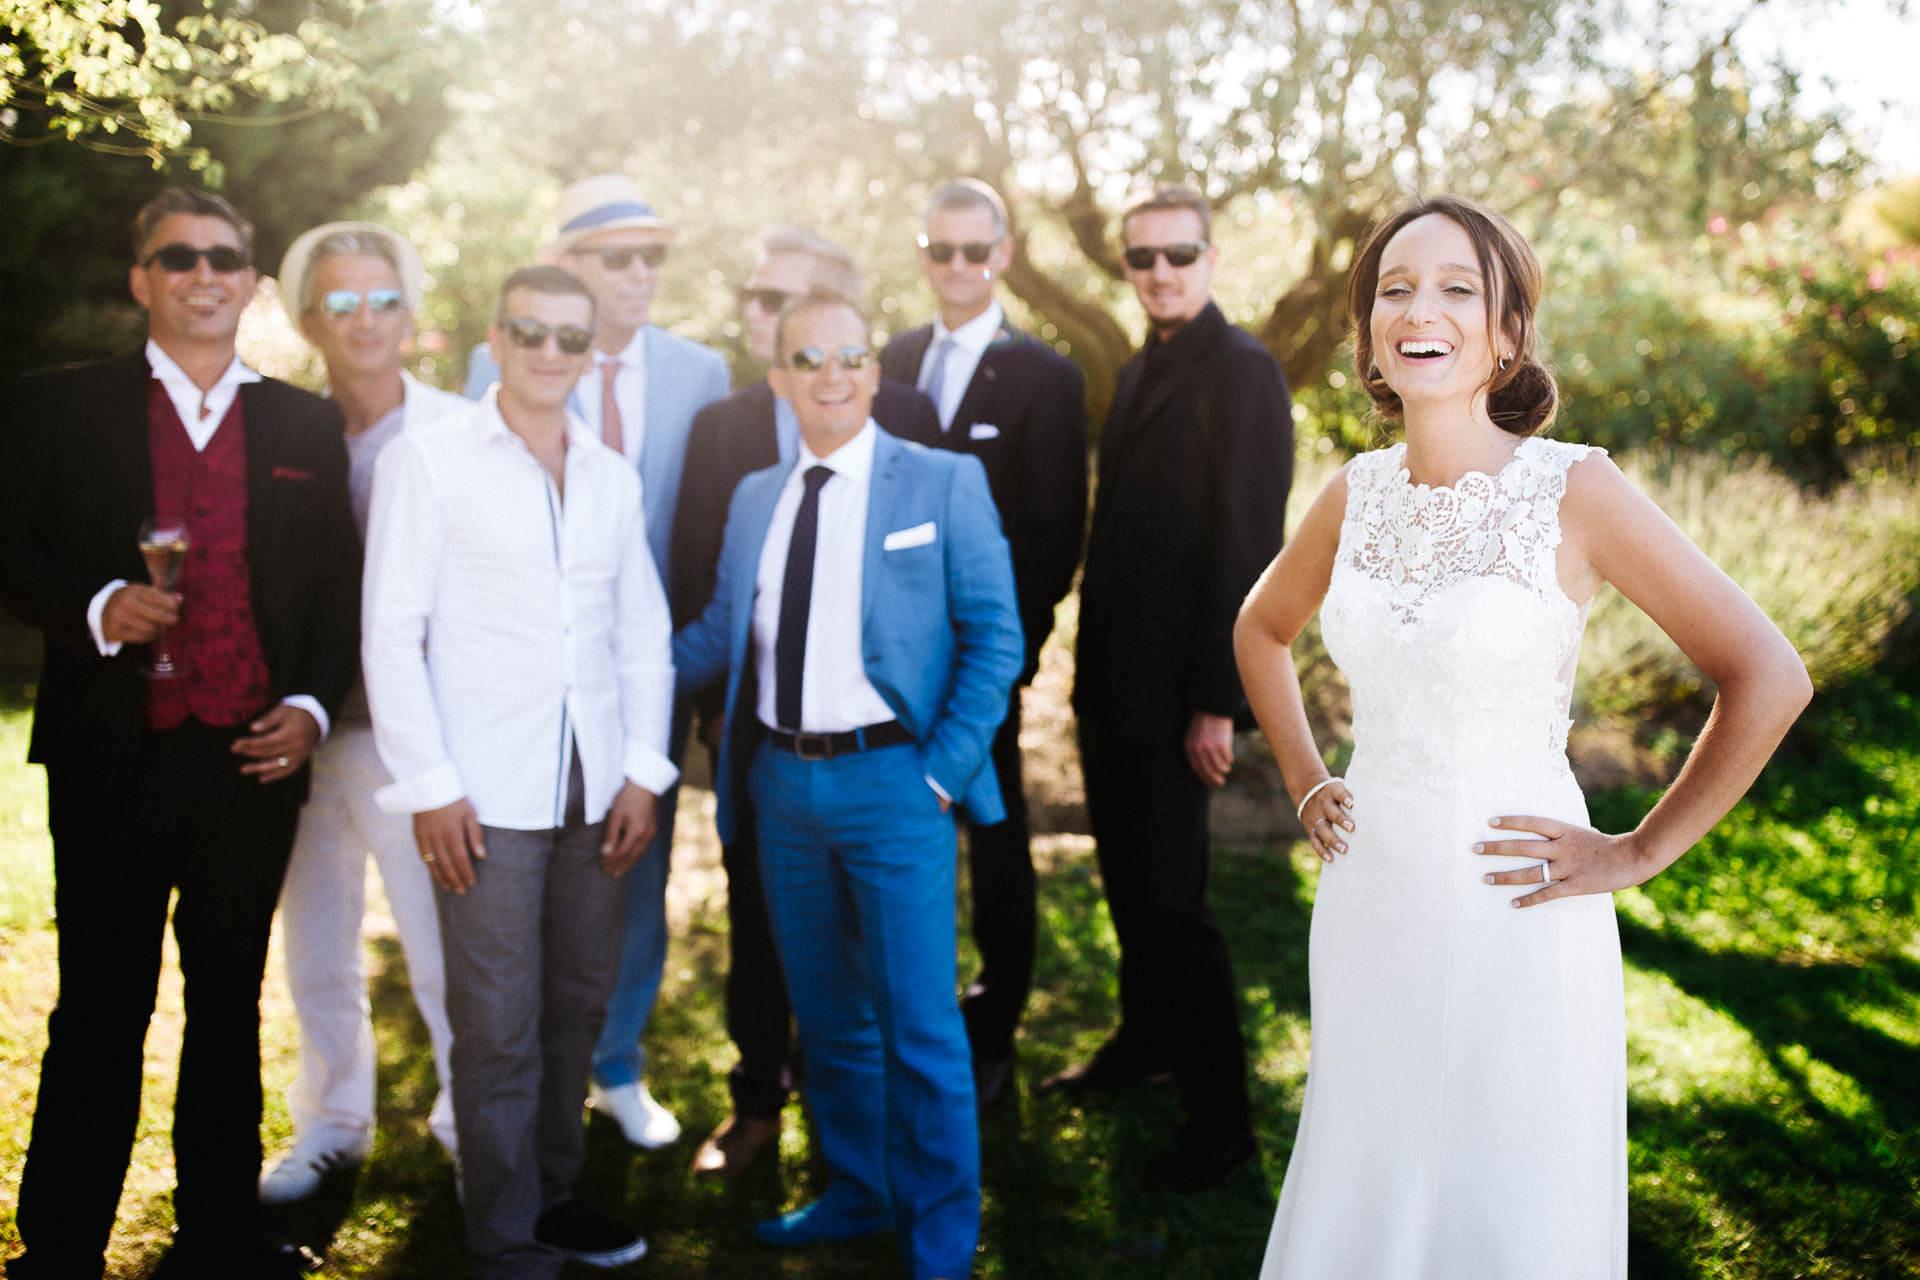 photographe-mariage-provence-38